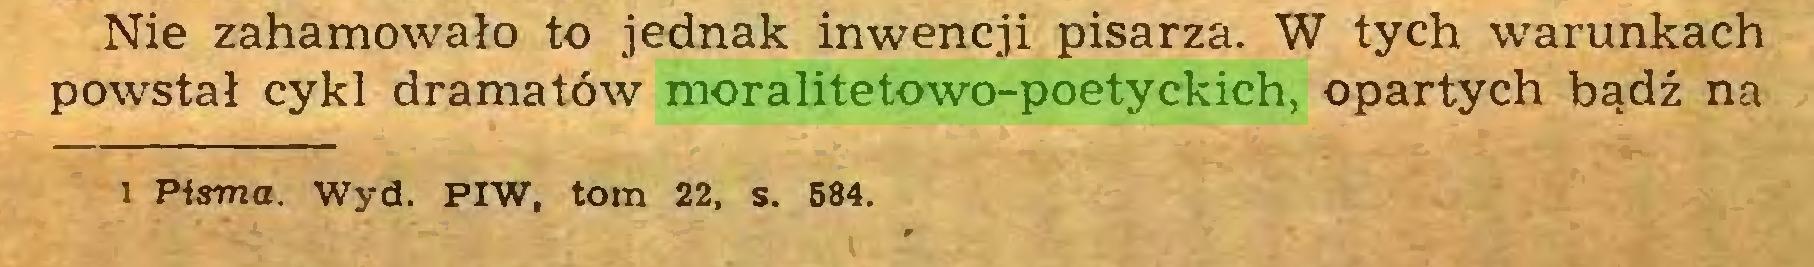 (...) Nie zahamowało to jednak inwencji pisarza. W tych warunkach powstał cykl dramatów moralitetowo-poetyckich, opartych bądź na i Pisma. Wyd. PIW, tom 22, s. 584...